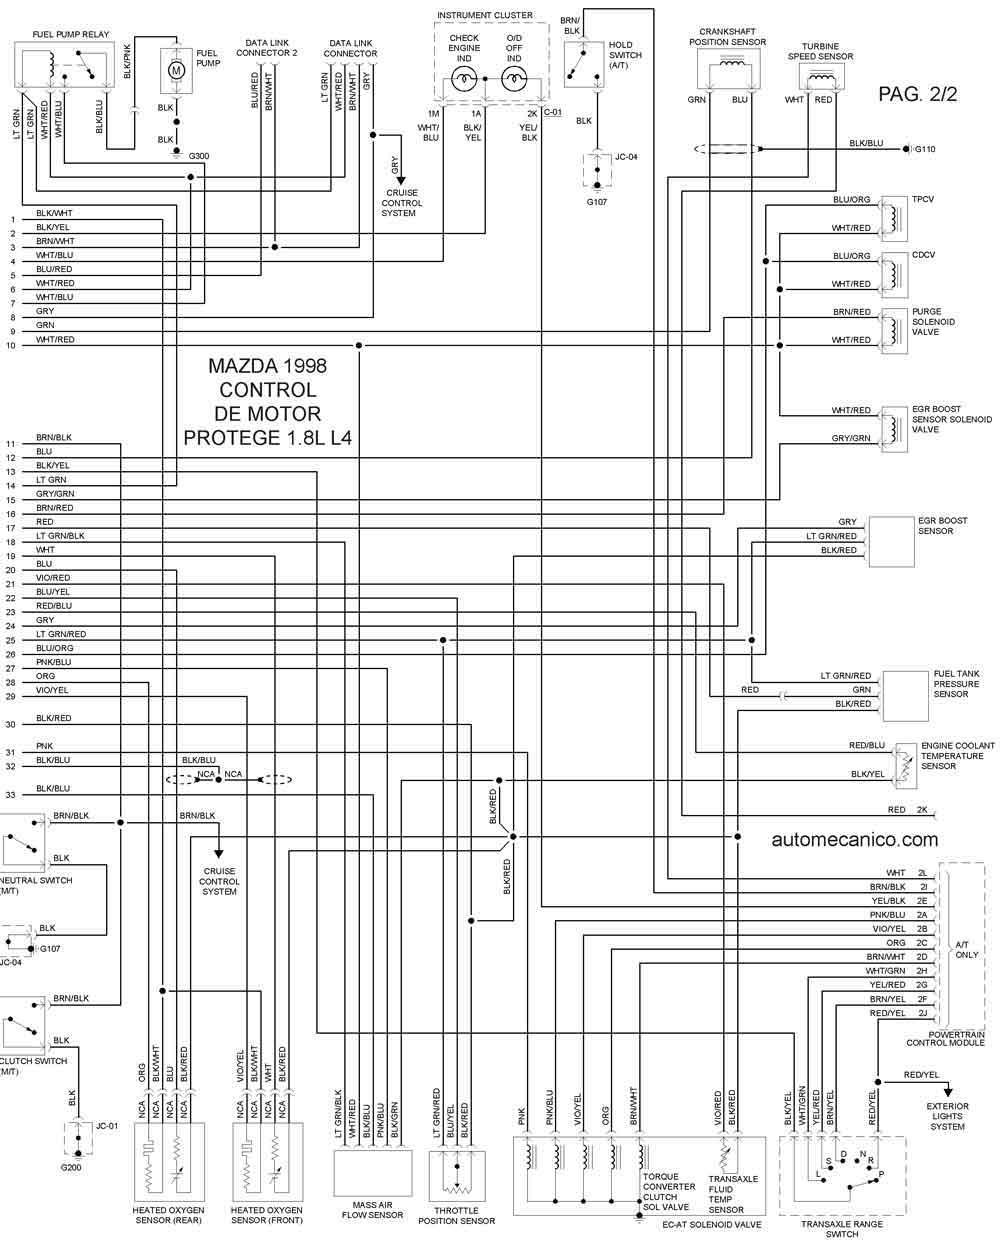 Mercedes Benz diagrama de cableado